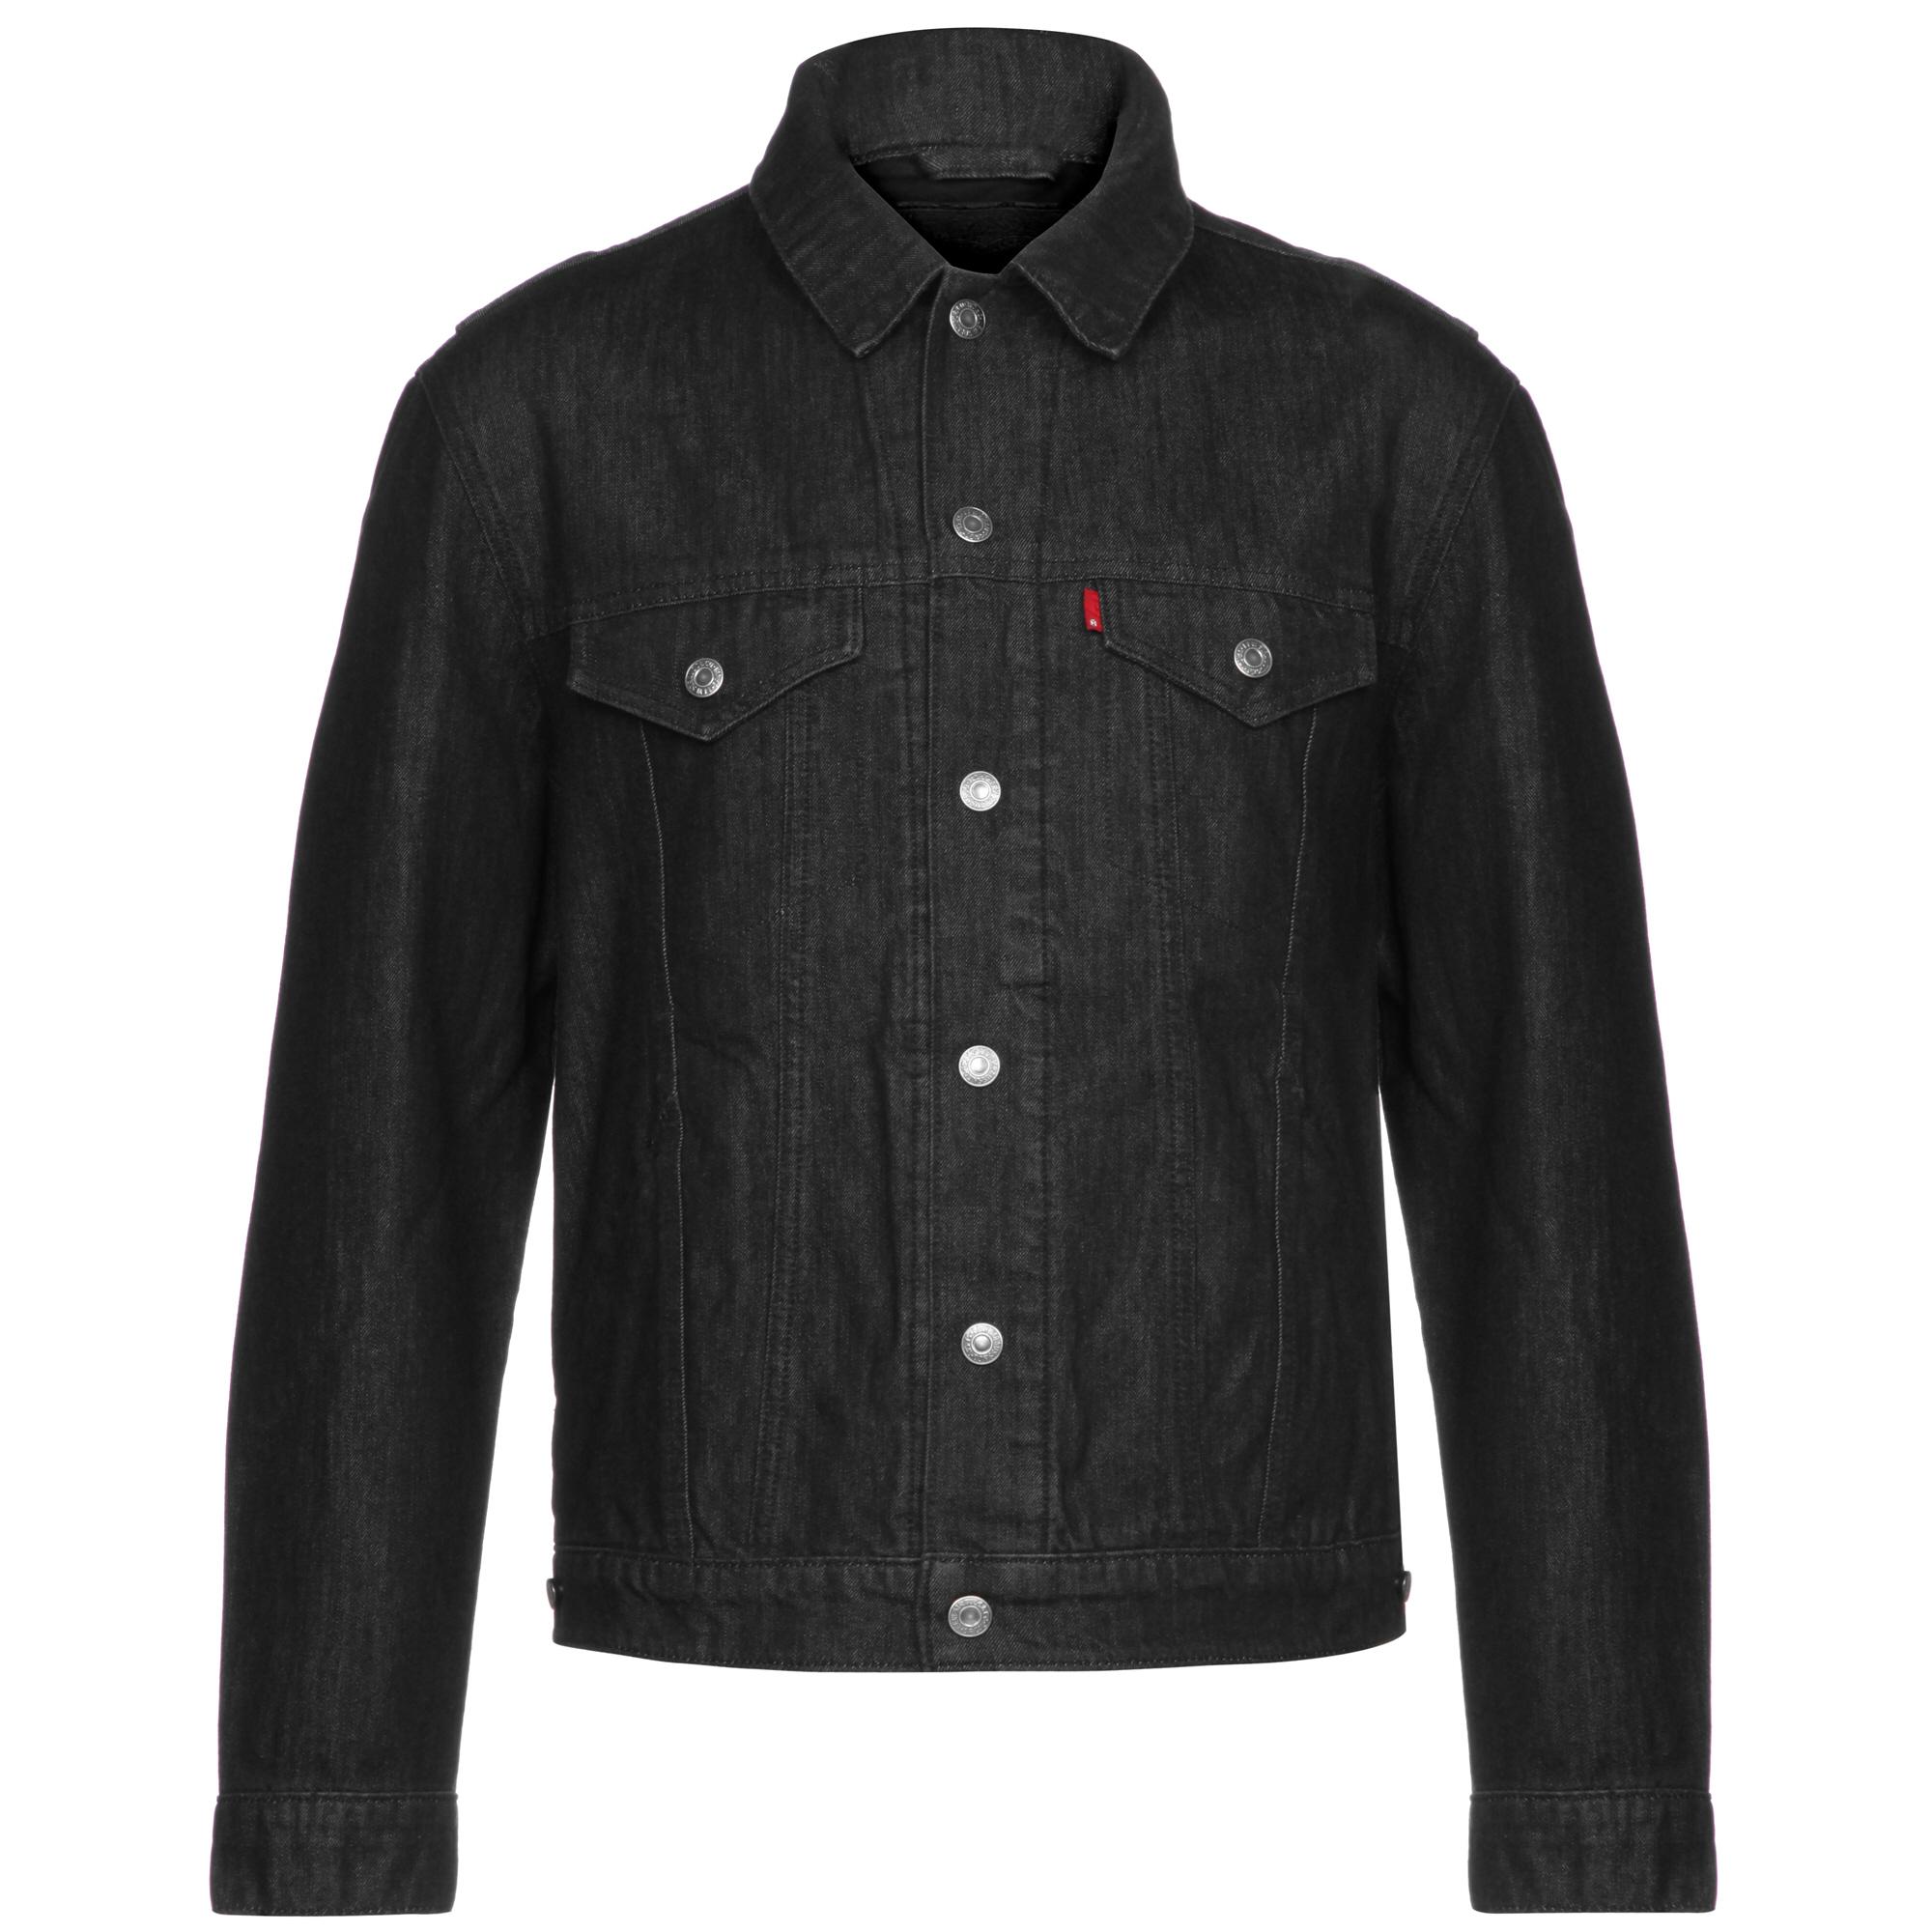 Levis Commuter Jacket | Levi Commuter 504 | Levis Commuter 511 Jeans